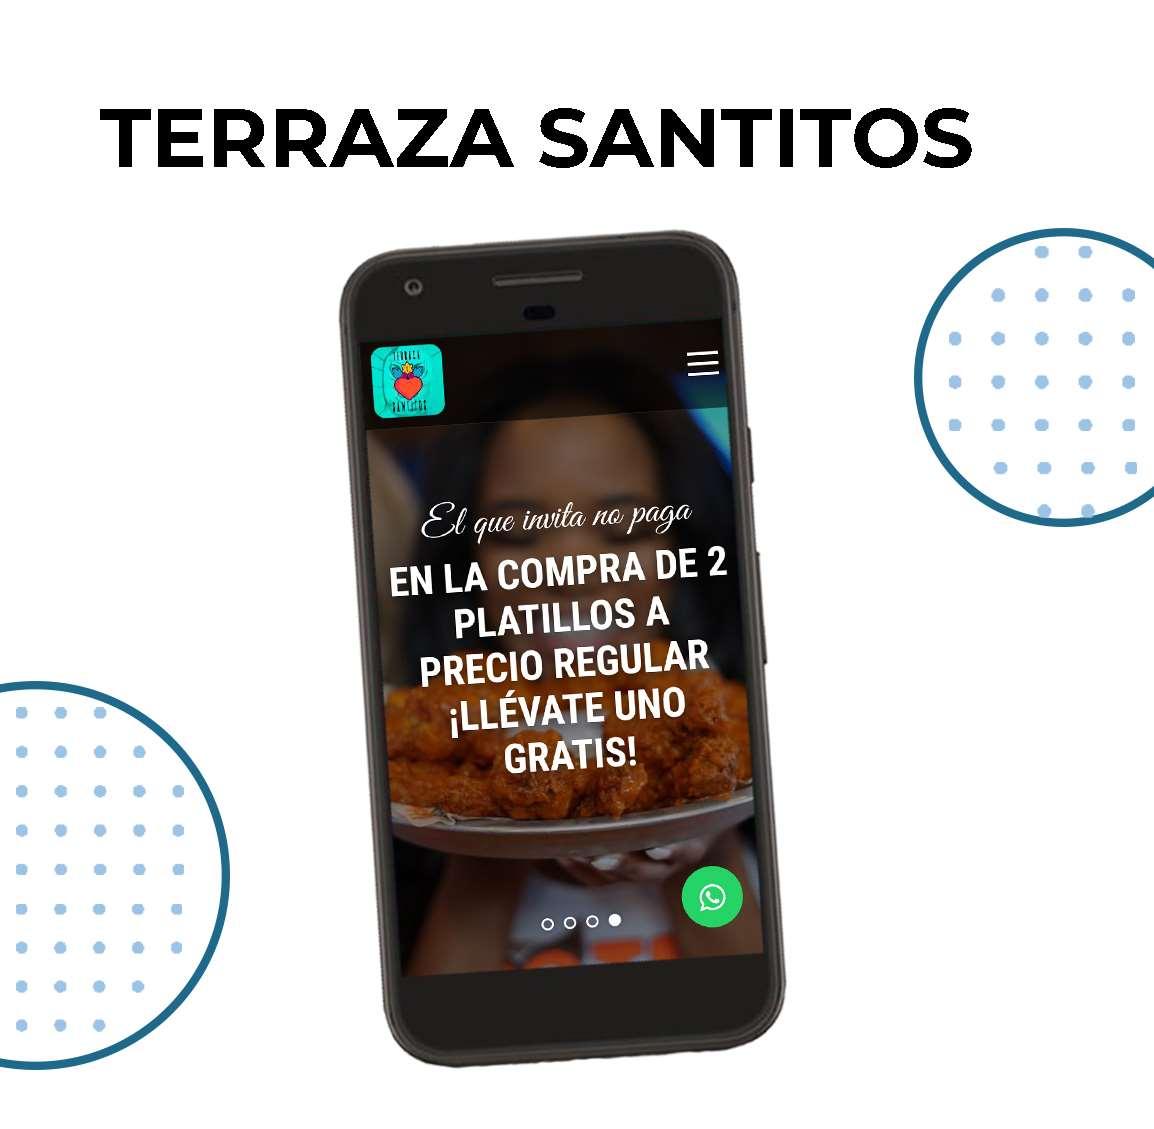 TERRAZA SANTITOS